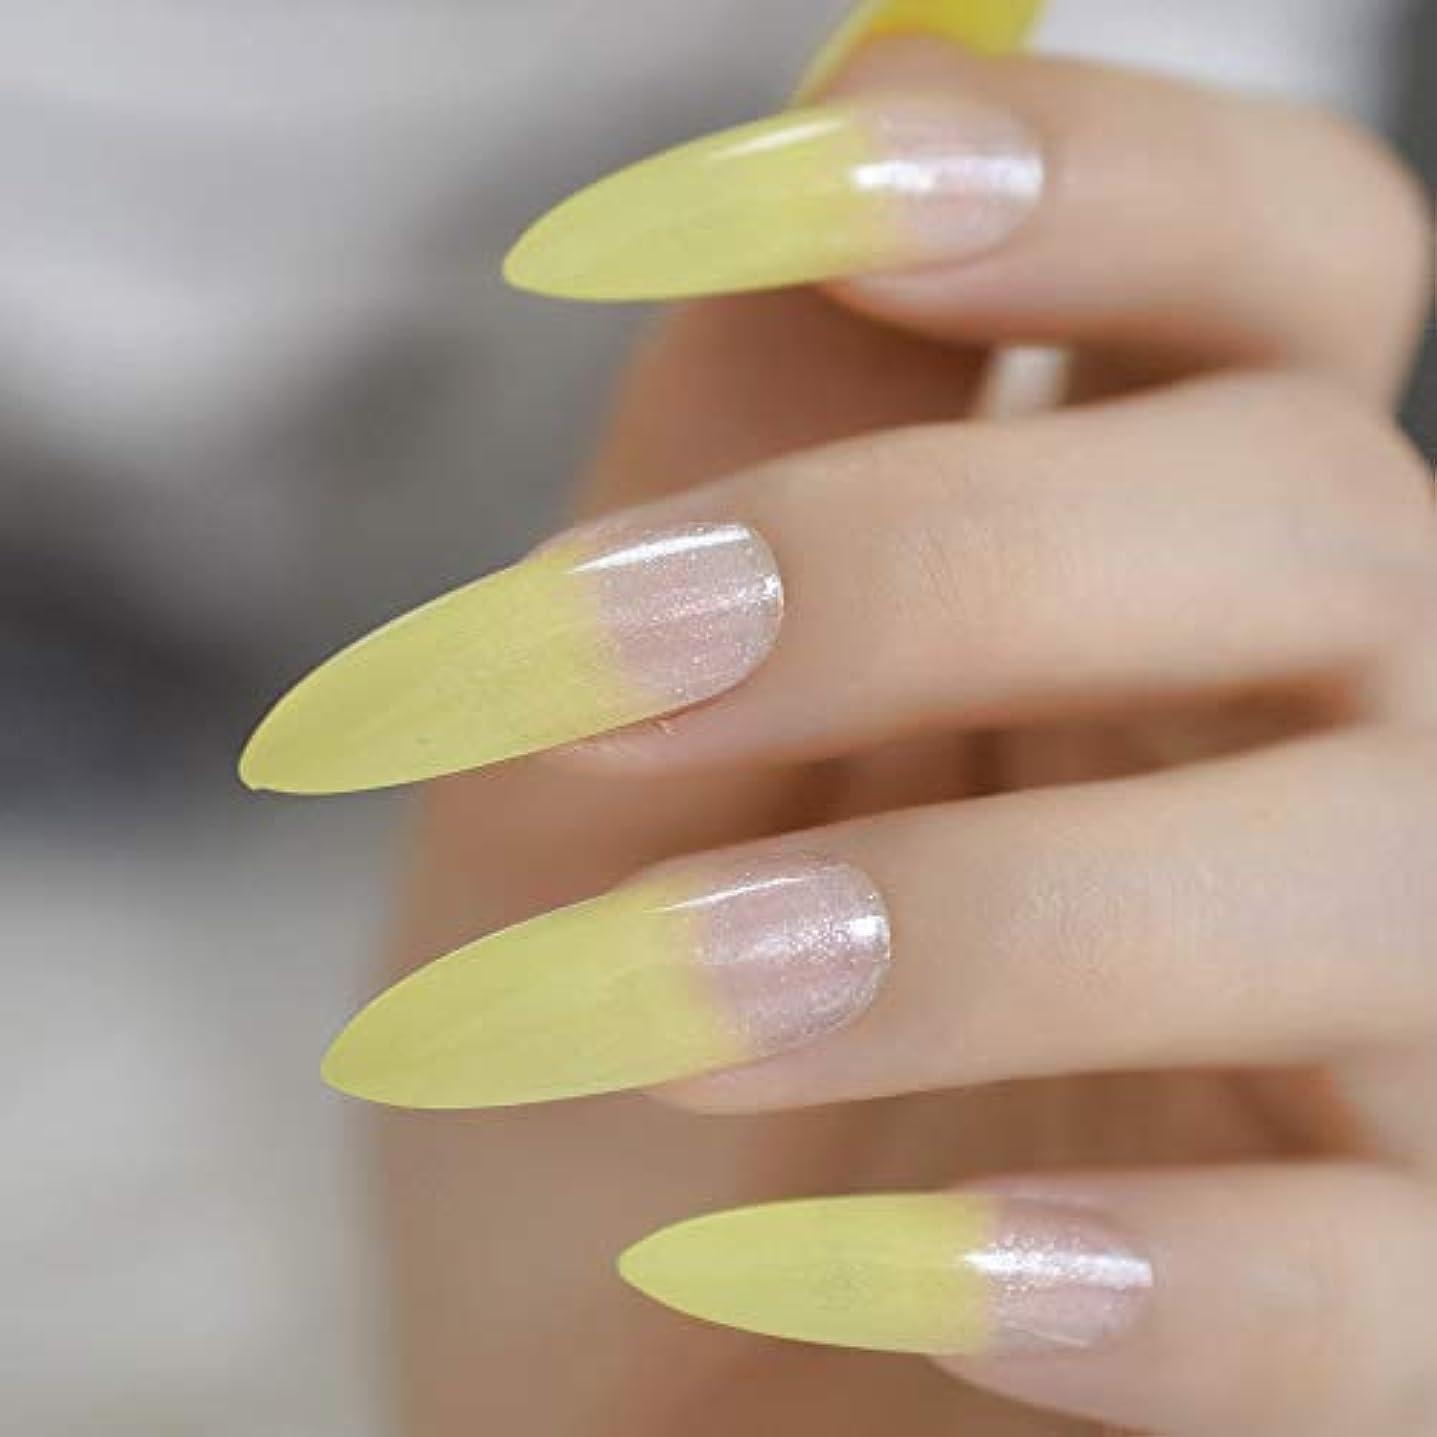 ボタン本会議あいにくXUTXZKA 偽の指の爪のエクステンションデコに余分な長い爪の明るい黄色のグラデーションプレス